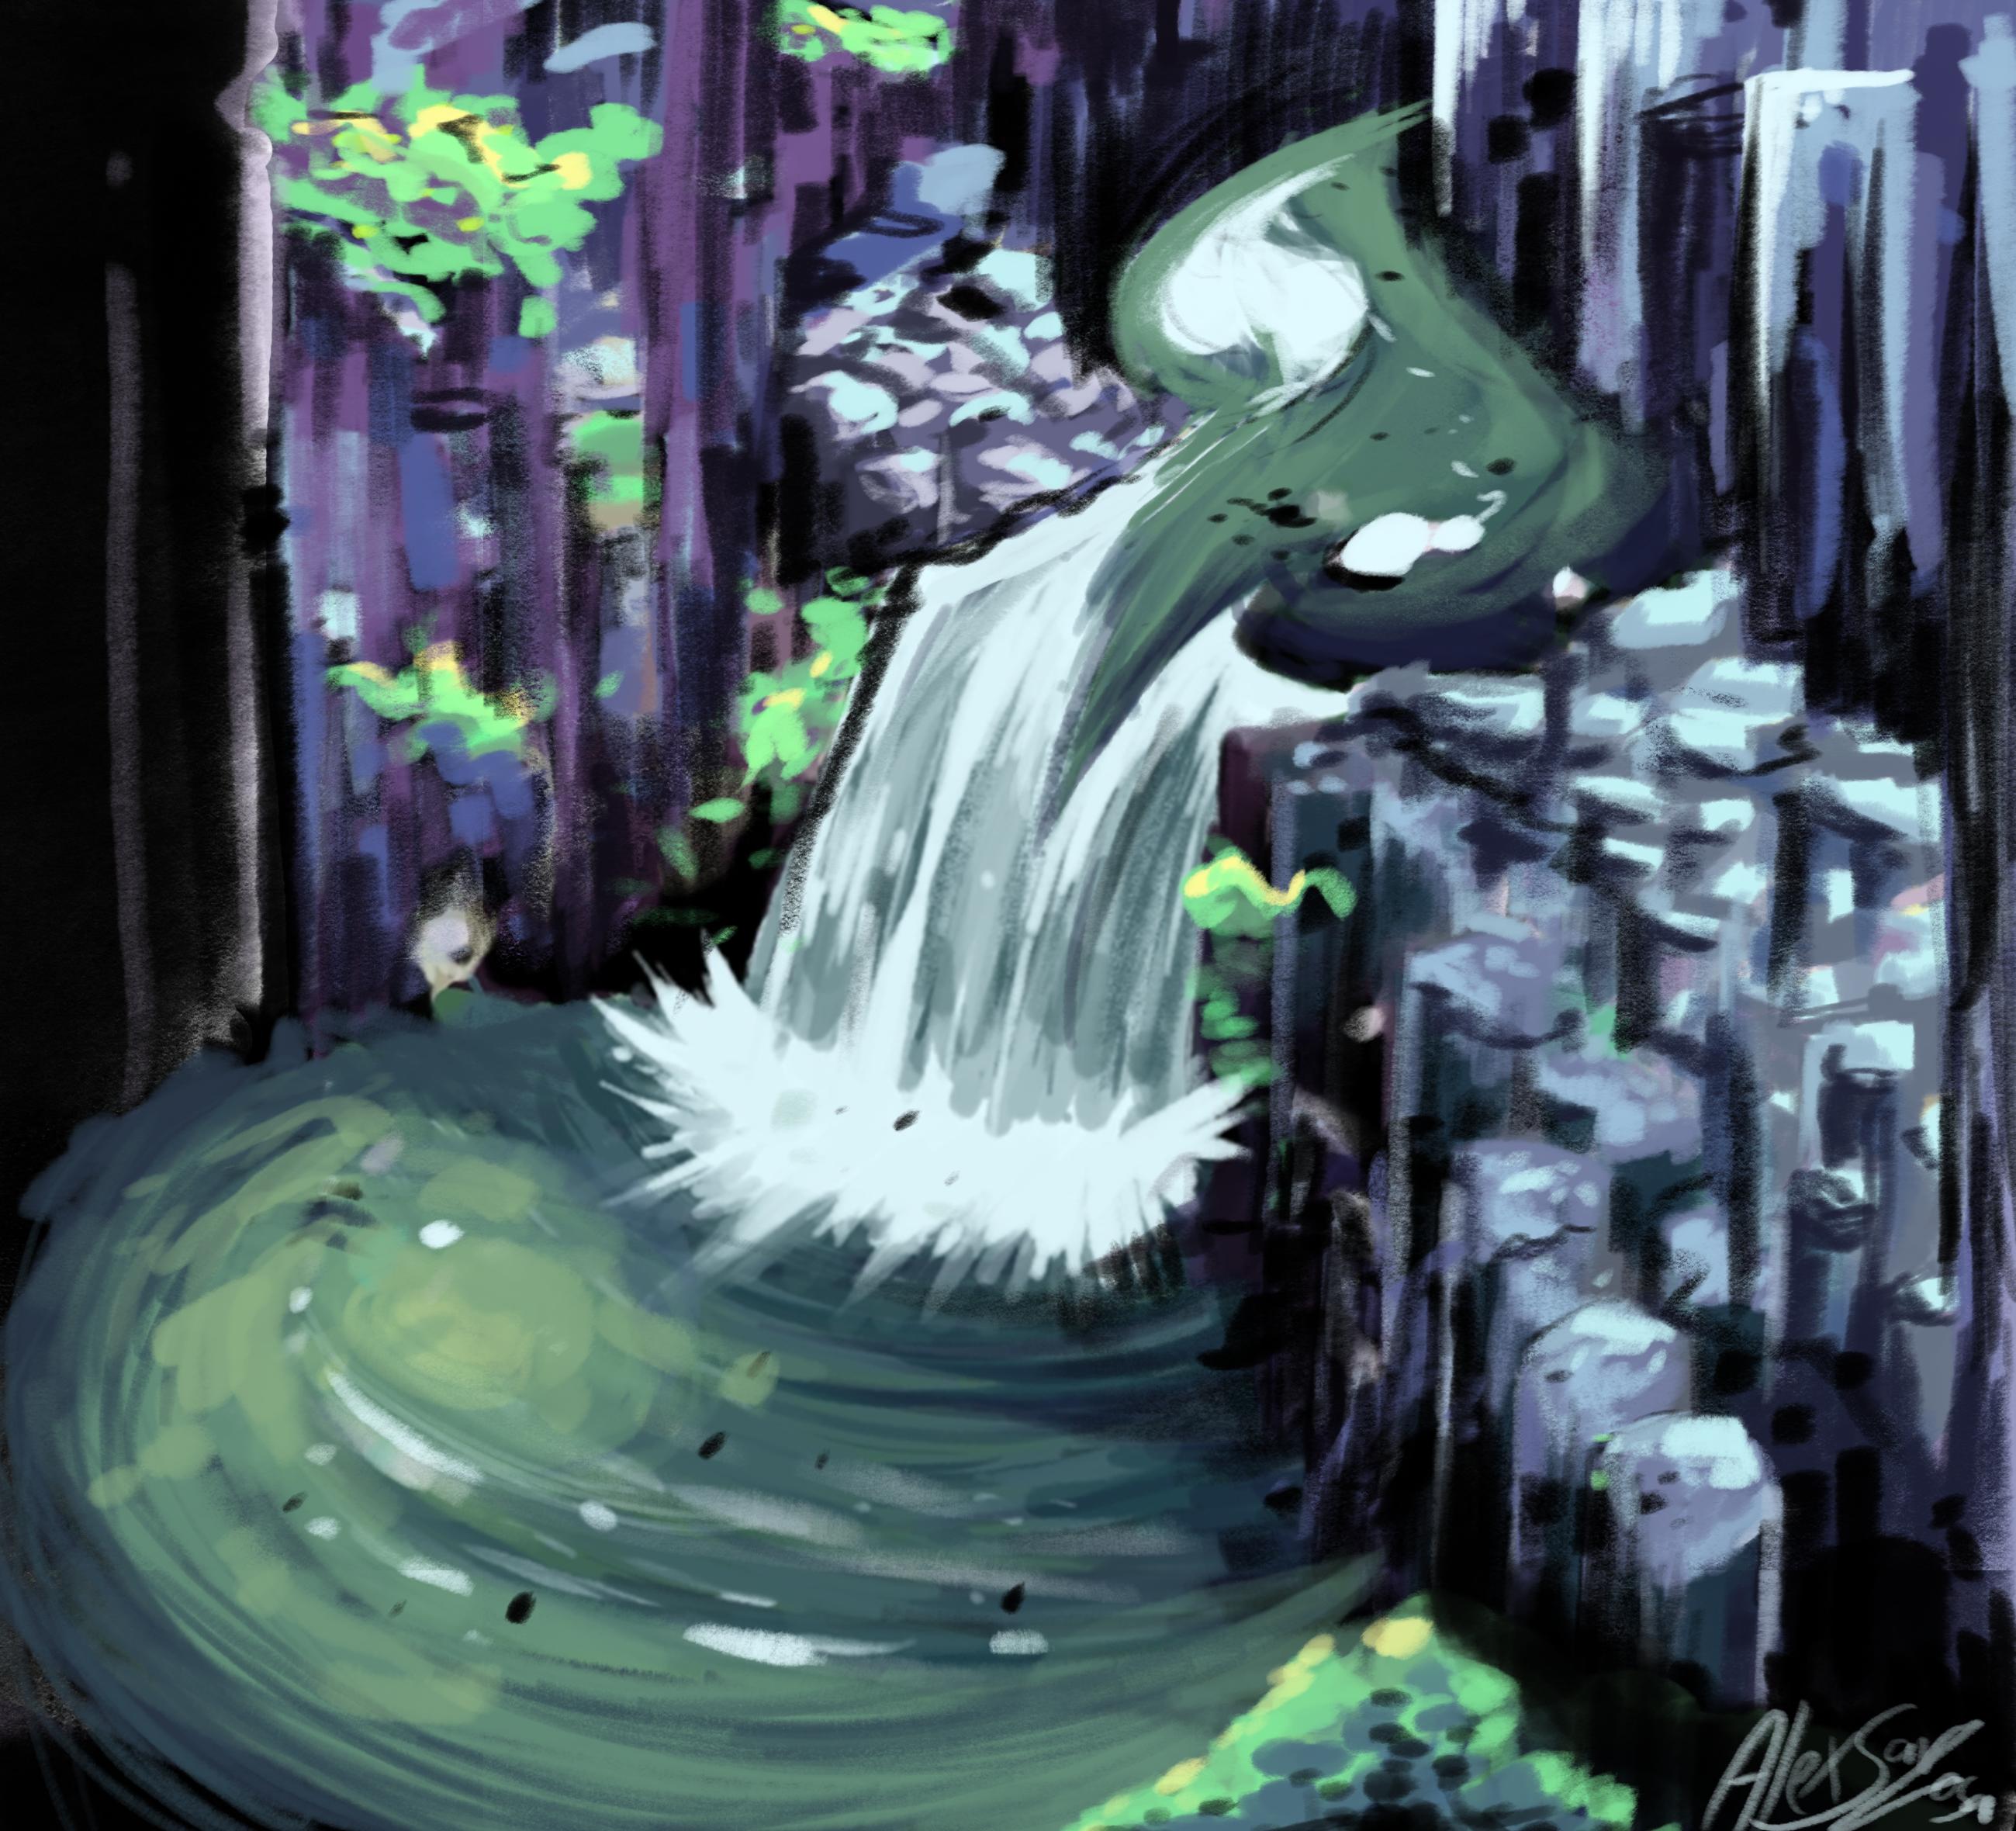 Waterfall photo study